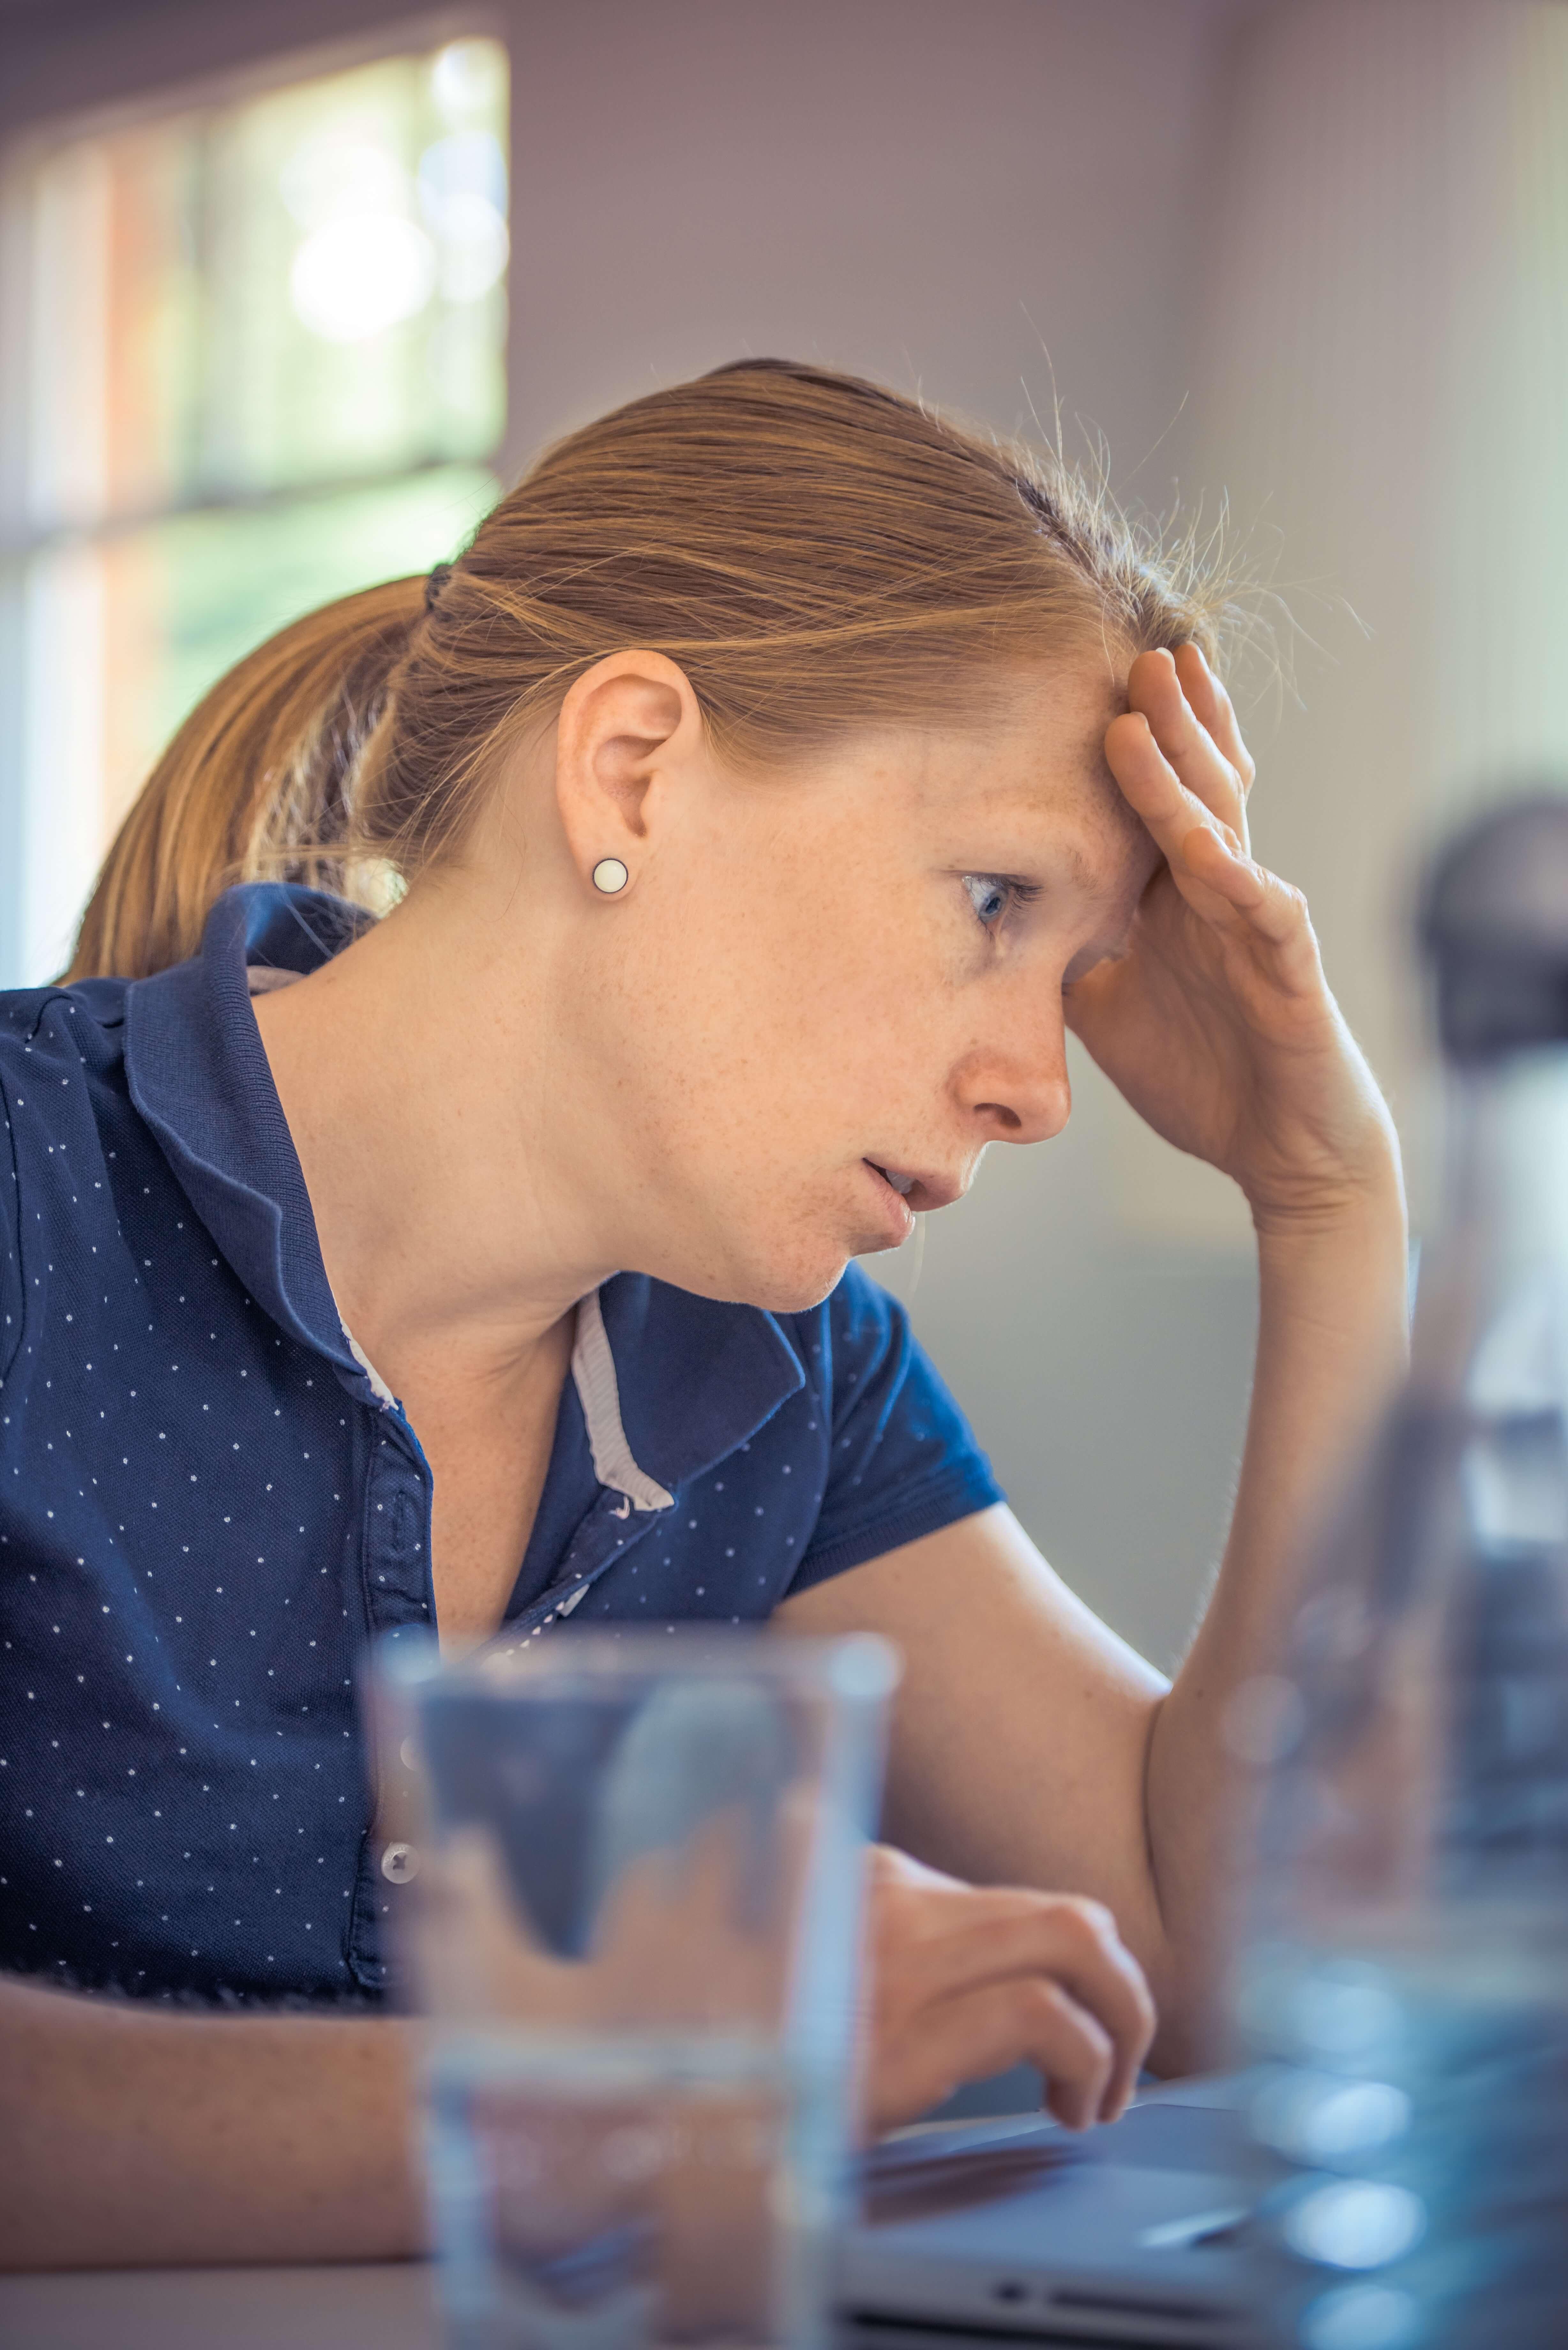 Fatigue Long Long Life stress vieillissement santé longévité